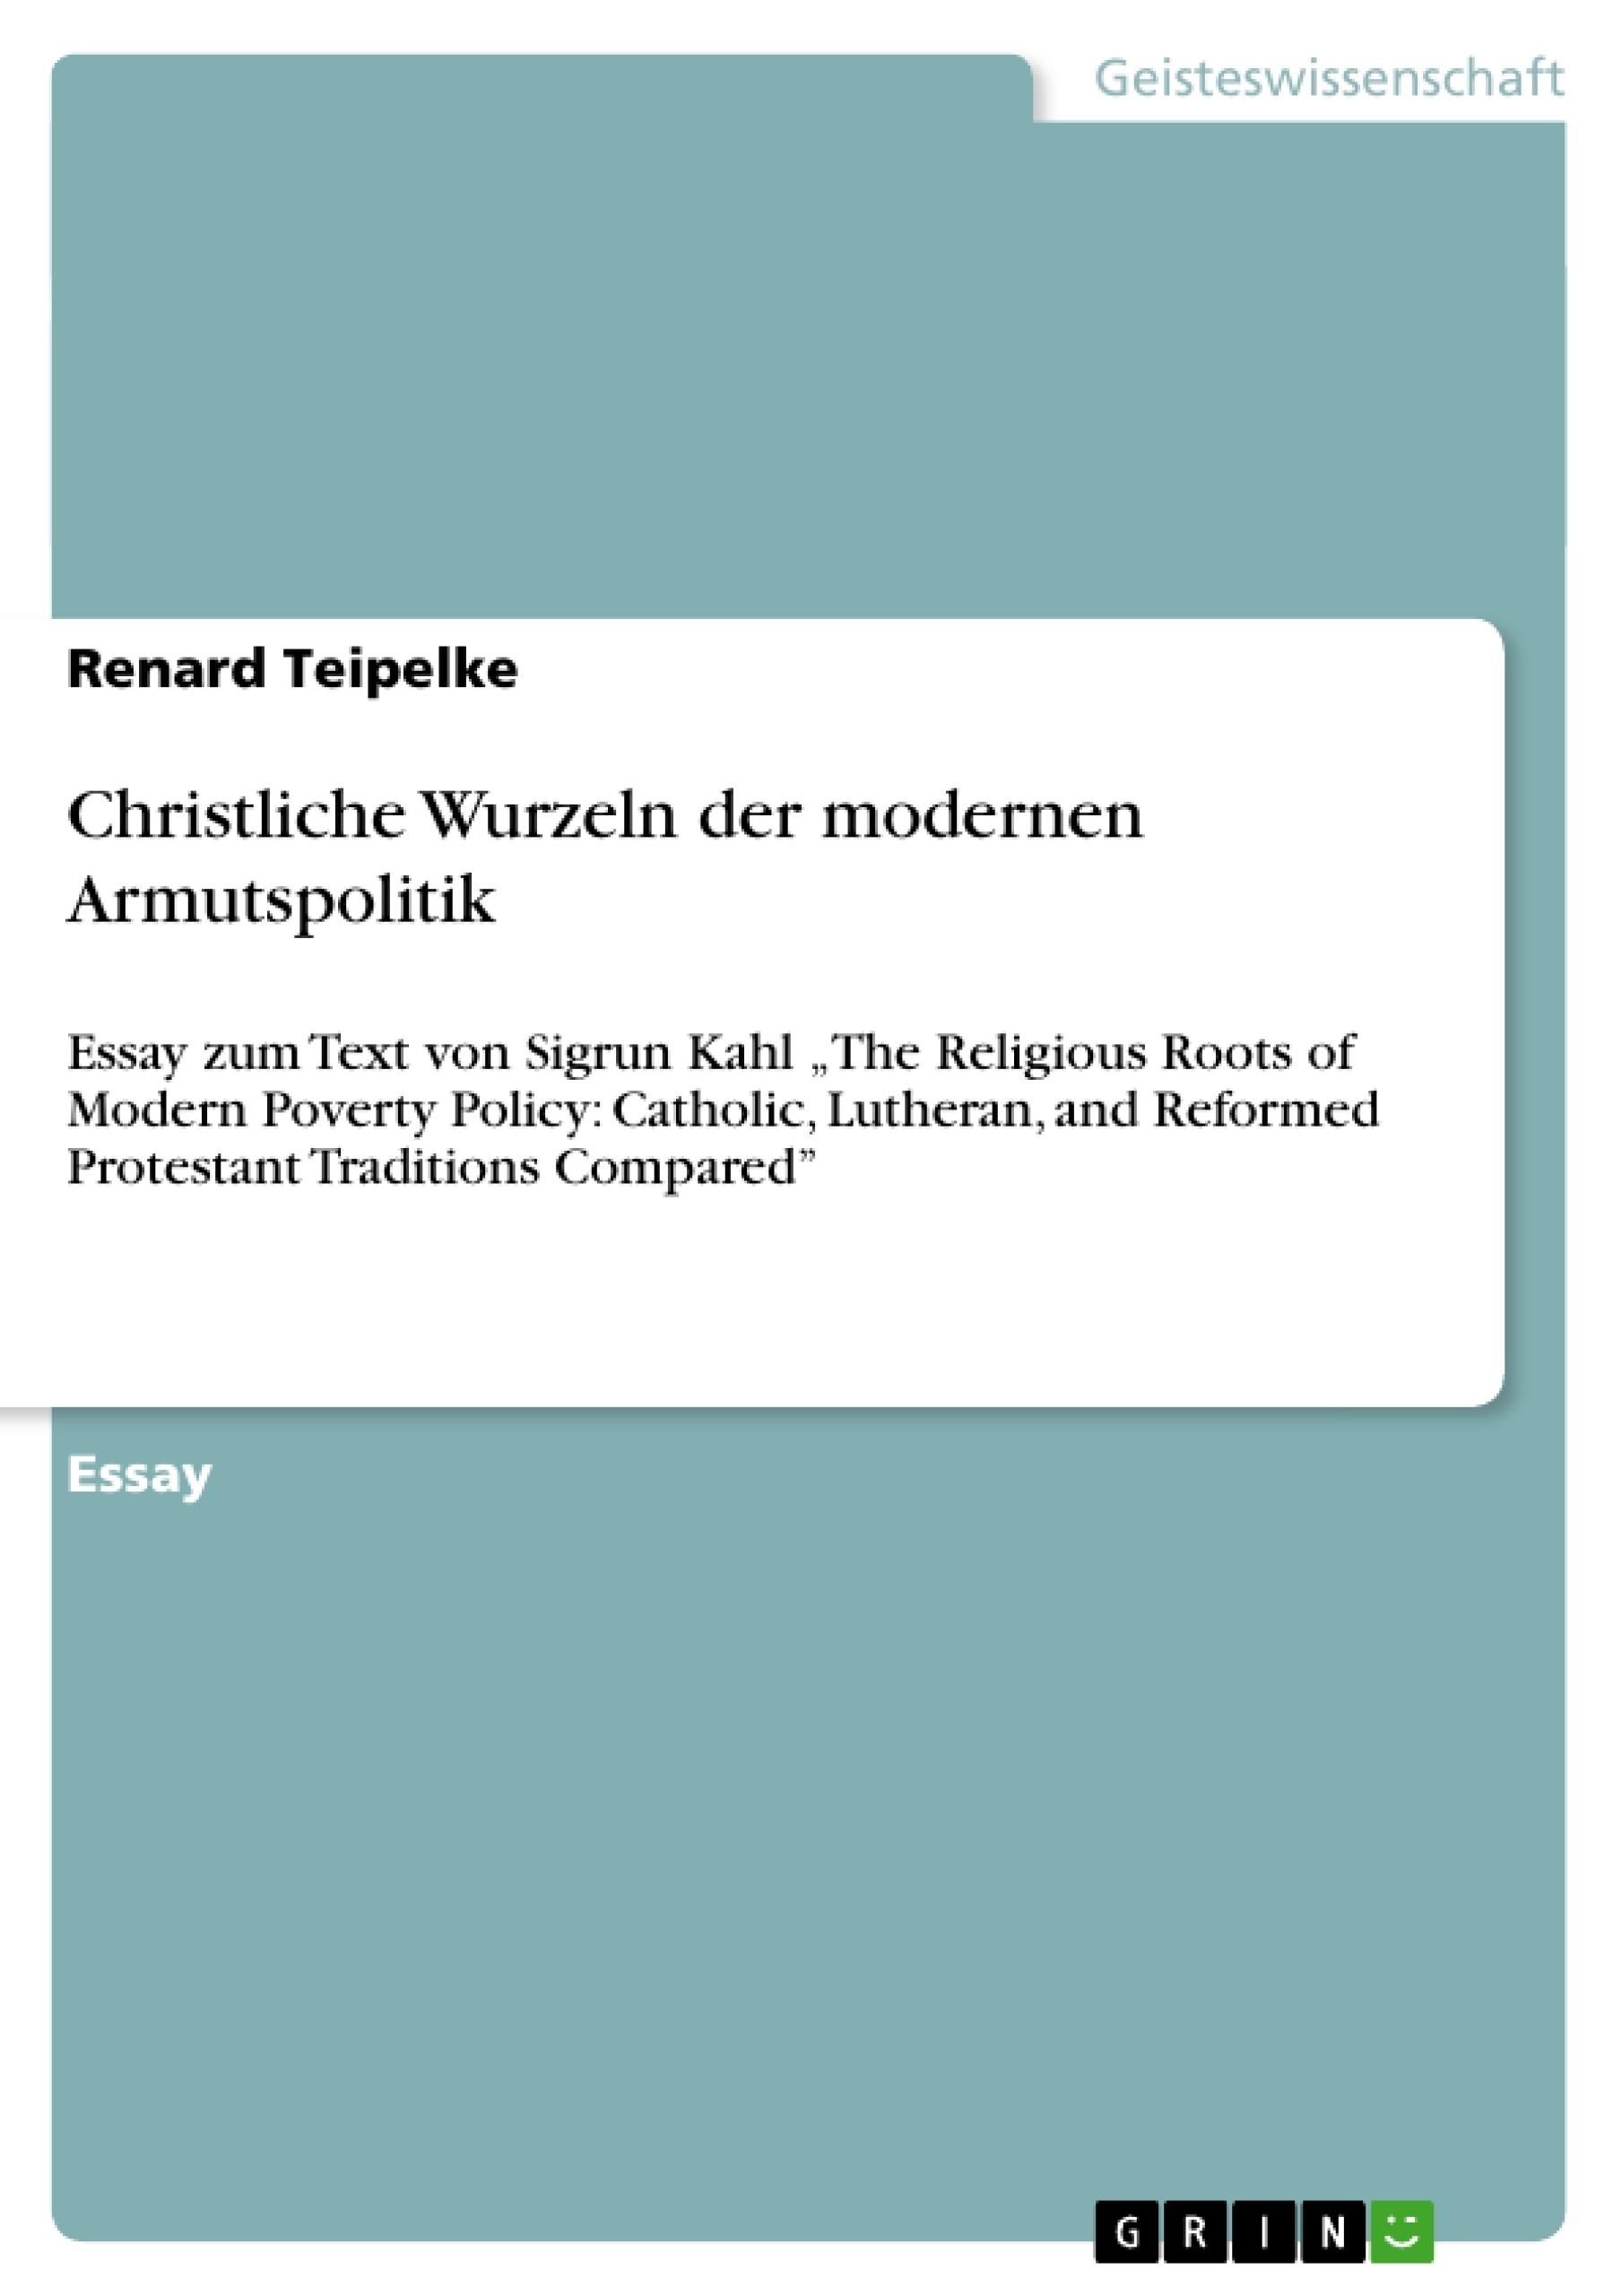 Titel: Christliche Wurzeln der modernen Armutspolitik